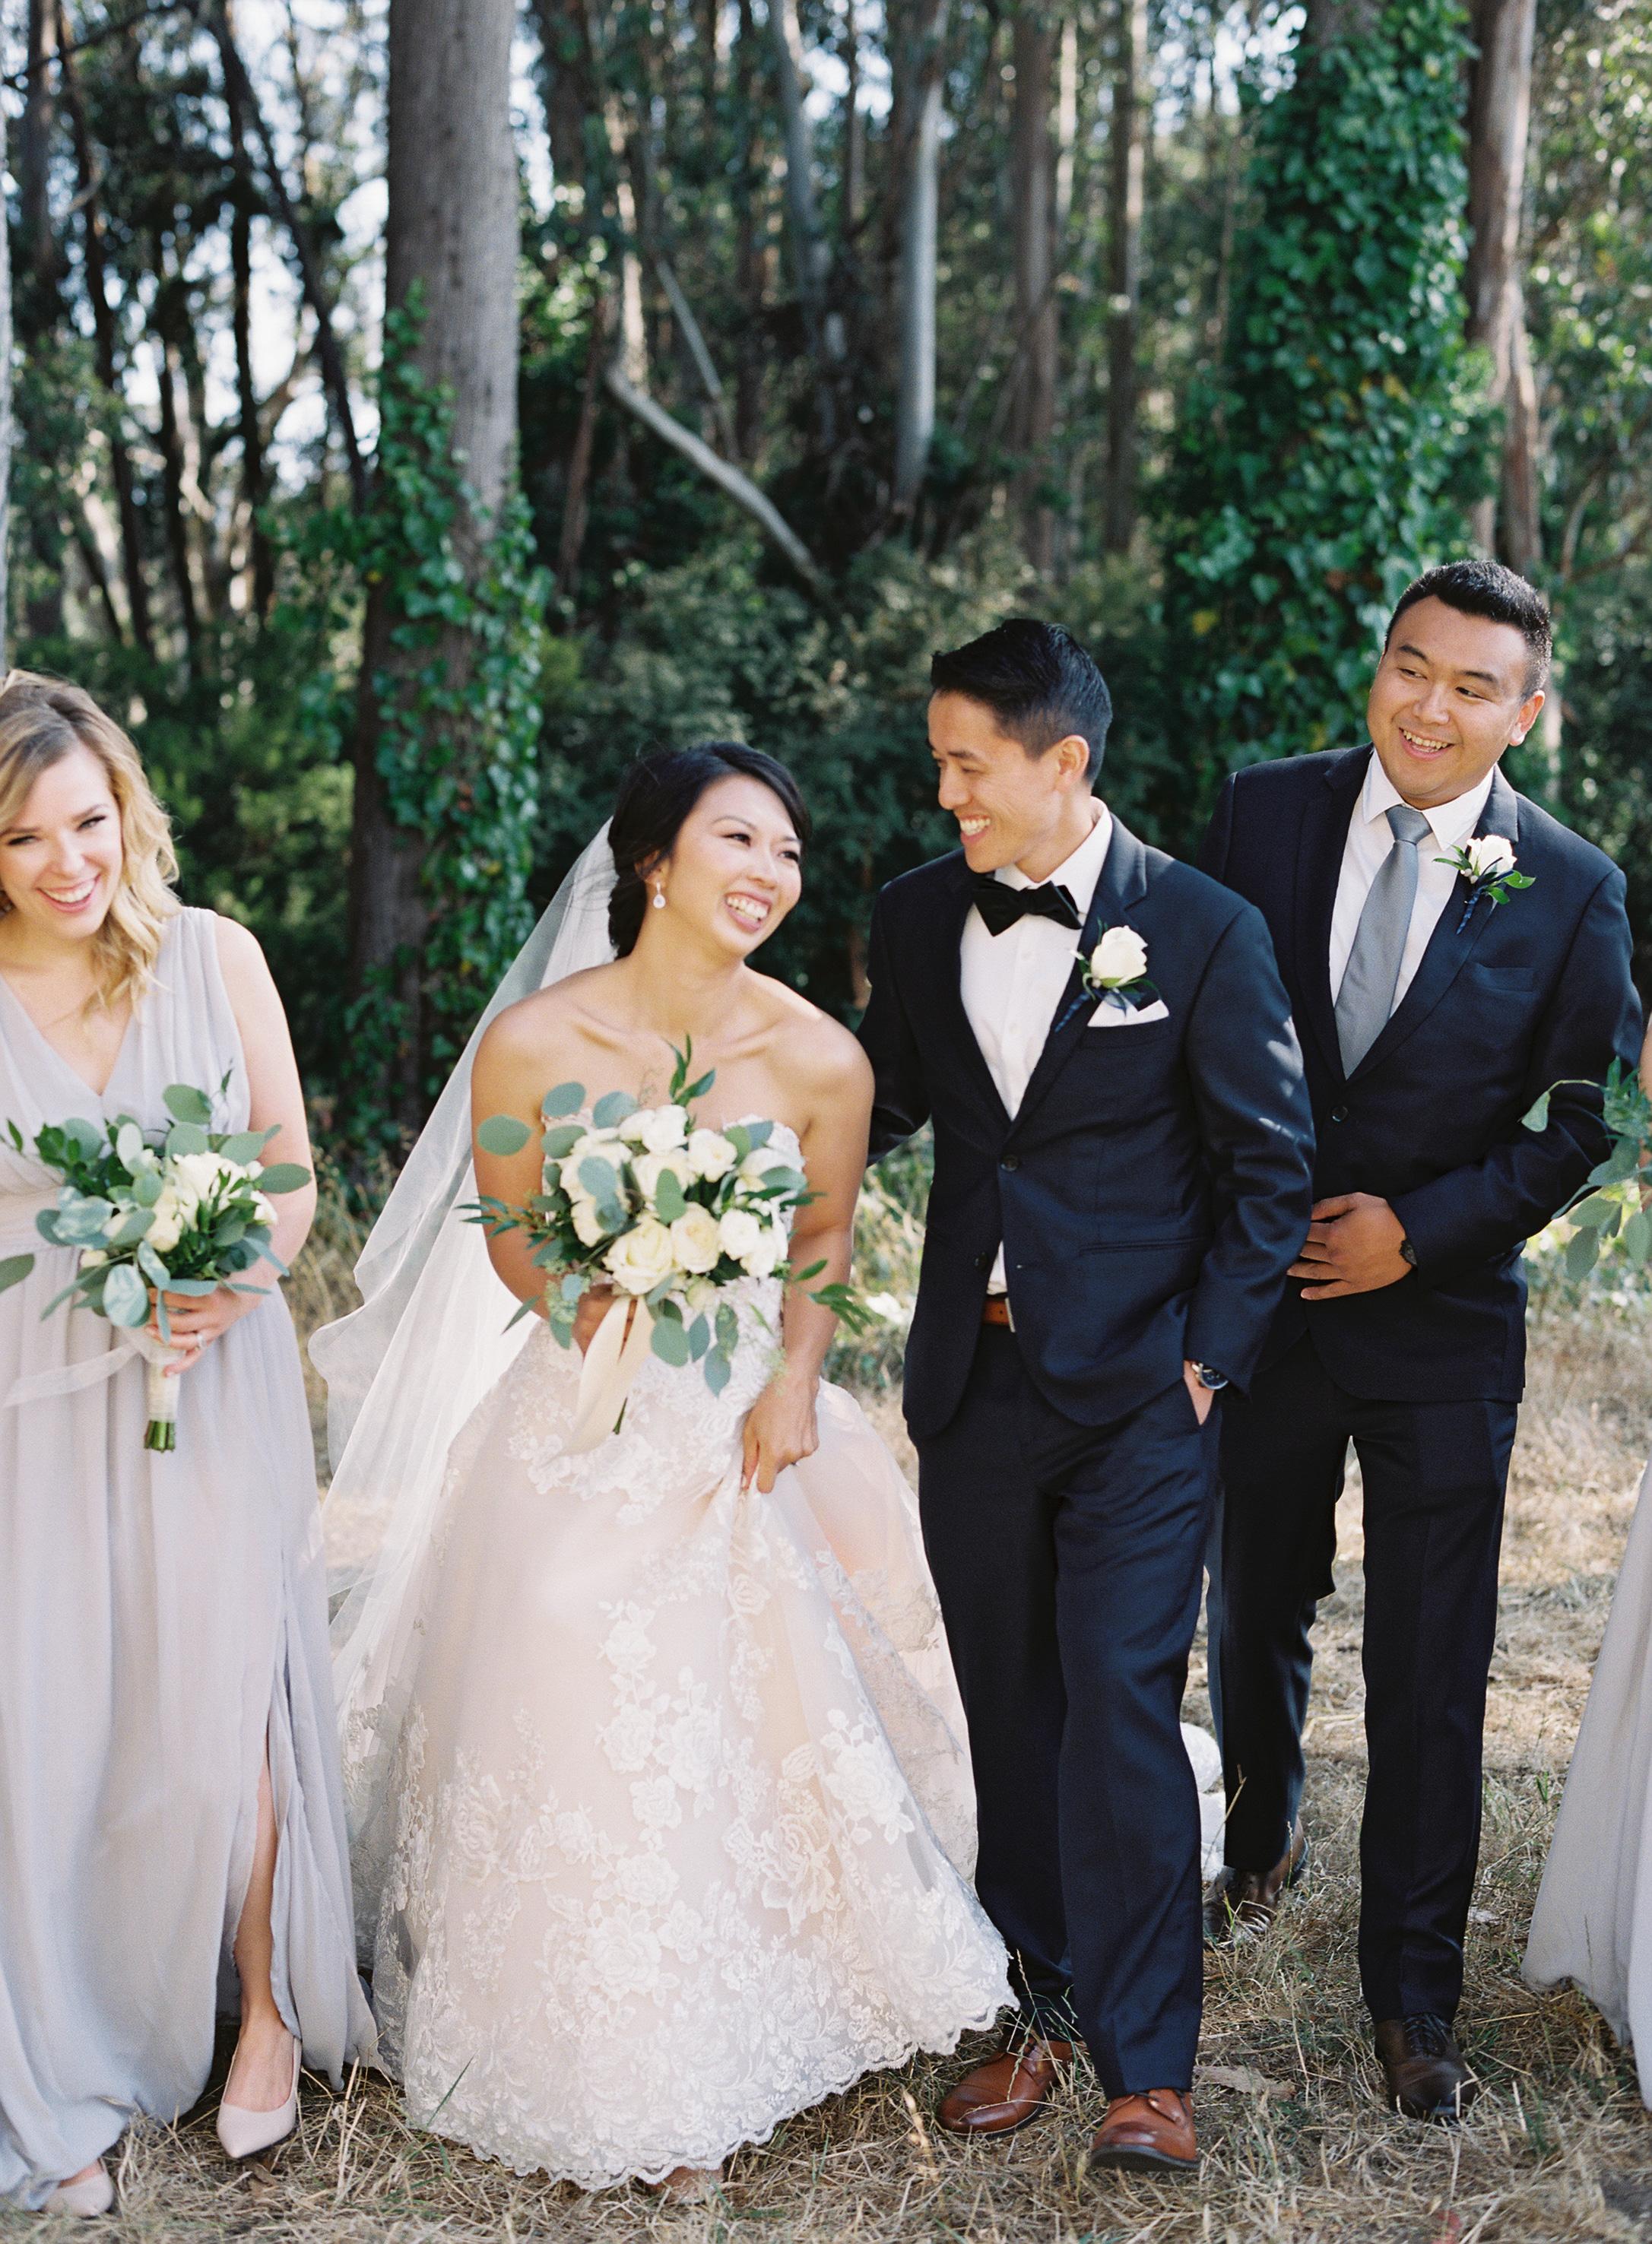 NathalieCheng_SNWedding_WeddingParty_045.jpg